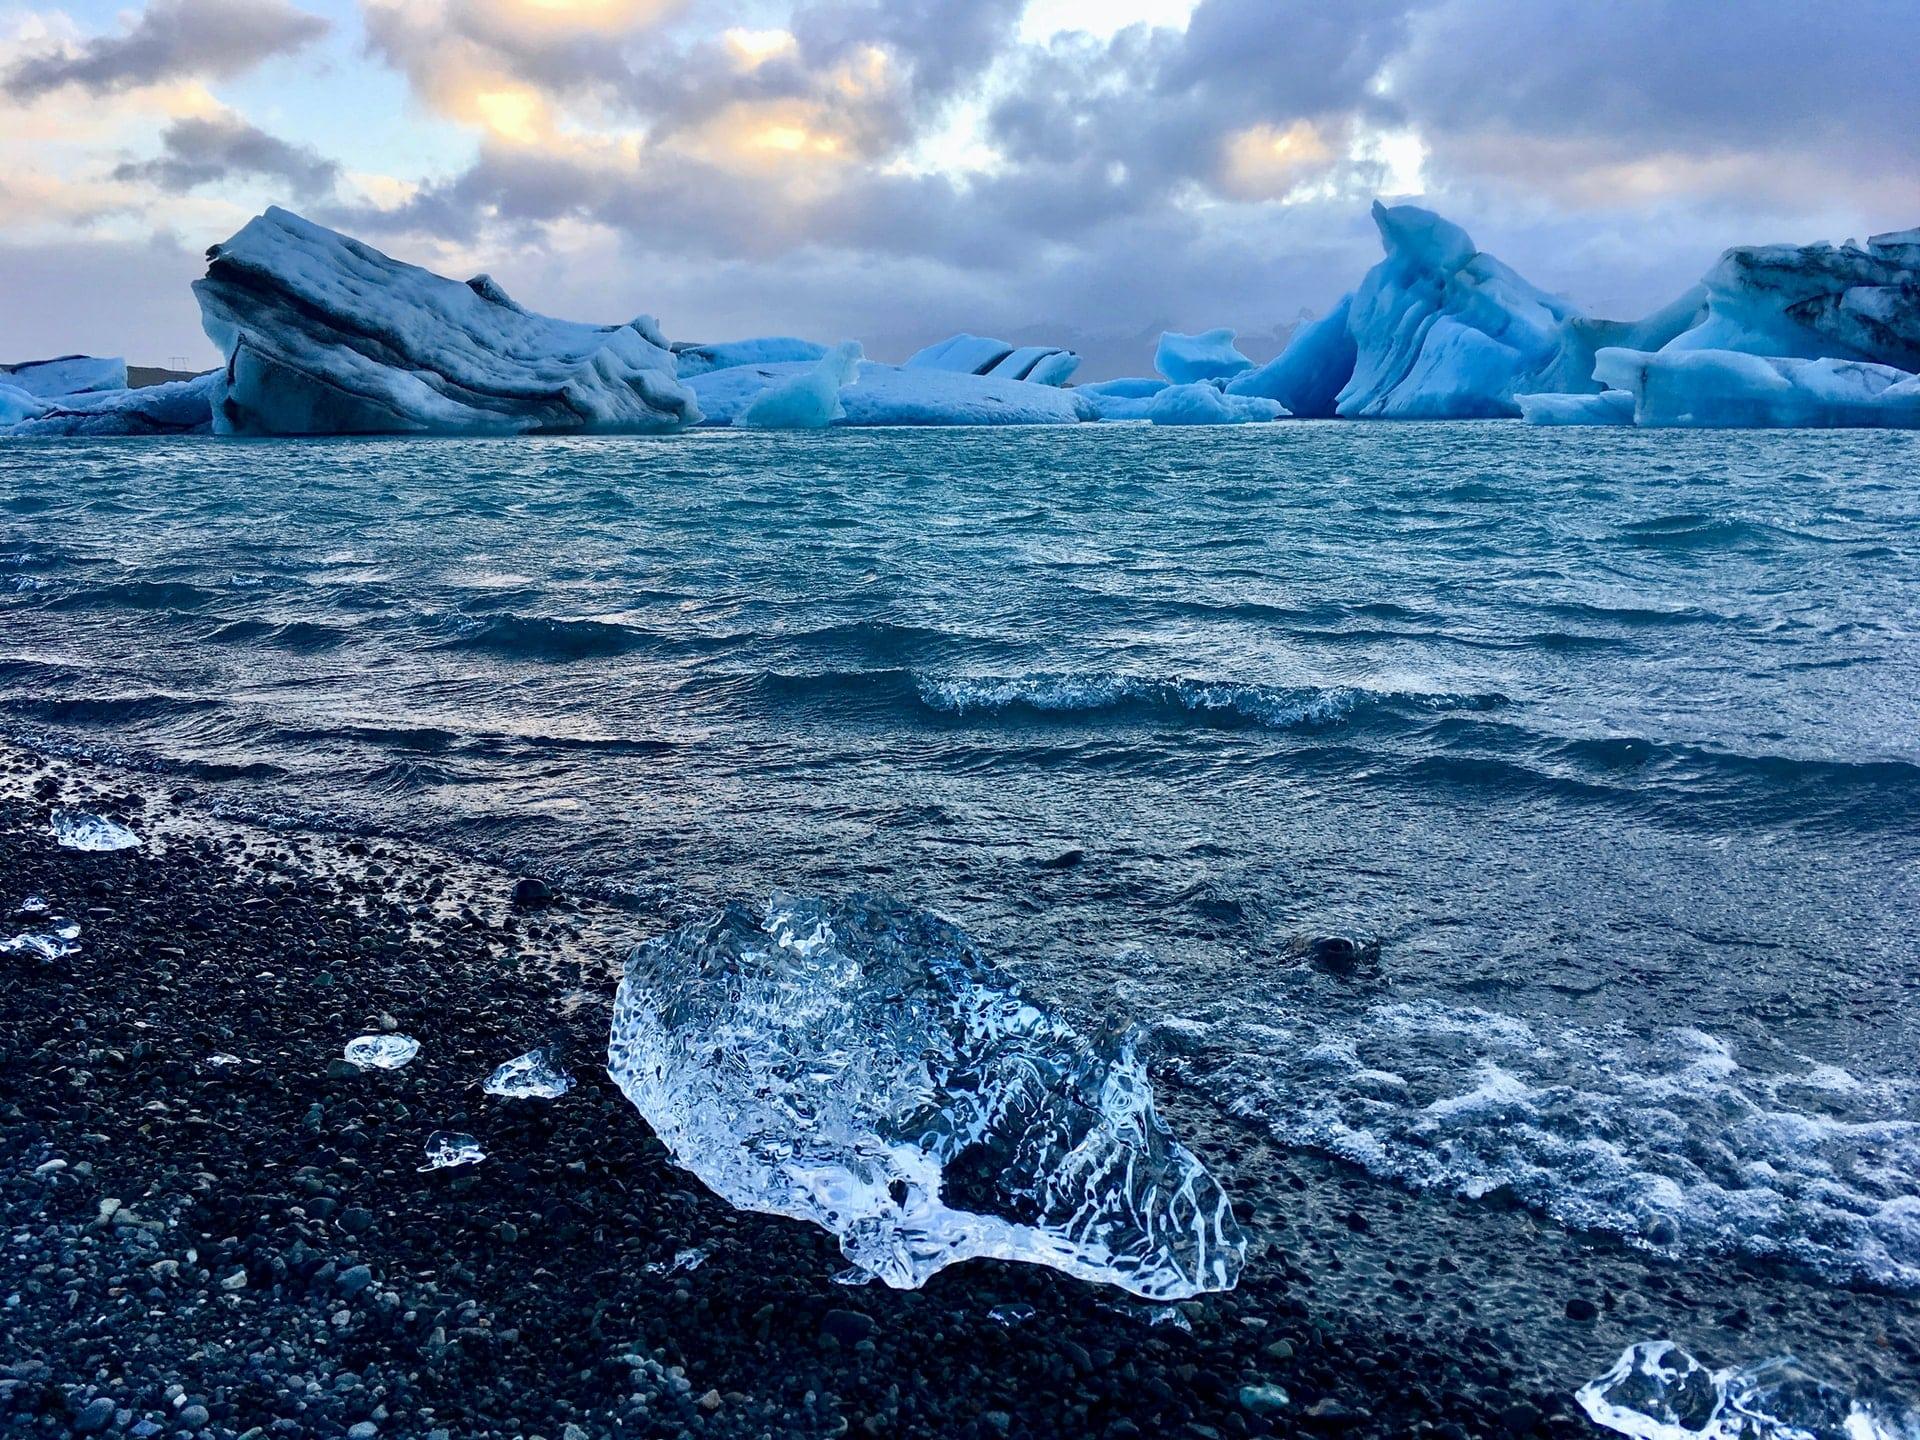 Αρκτικός Ωκεανός: Η κλιματική αλλαγή λιώνει τους πάγους και τρομάζει τους επιστήμονες